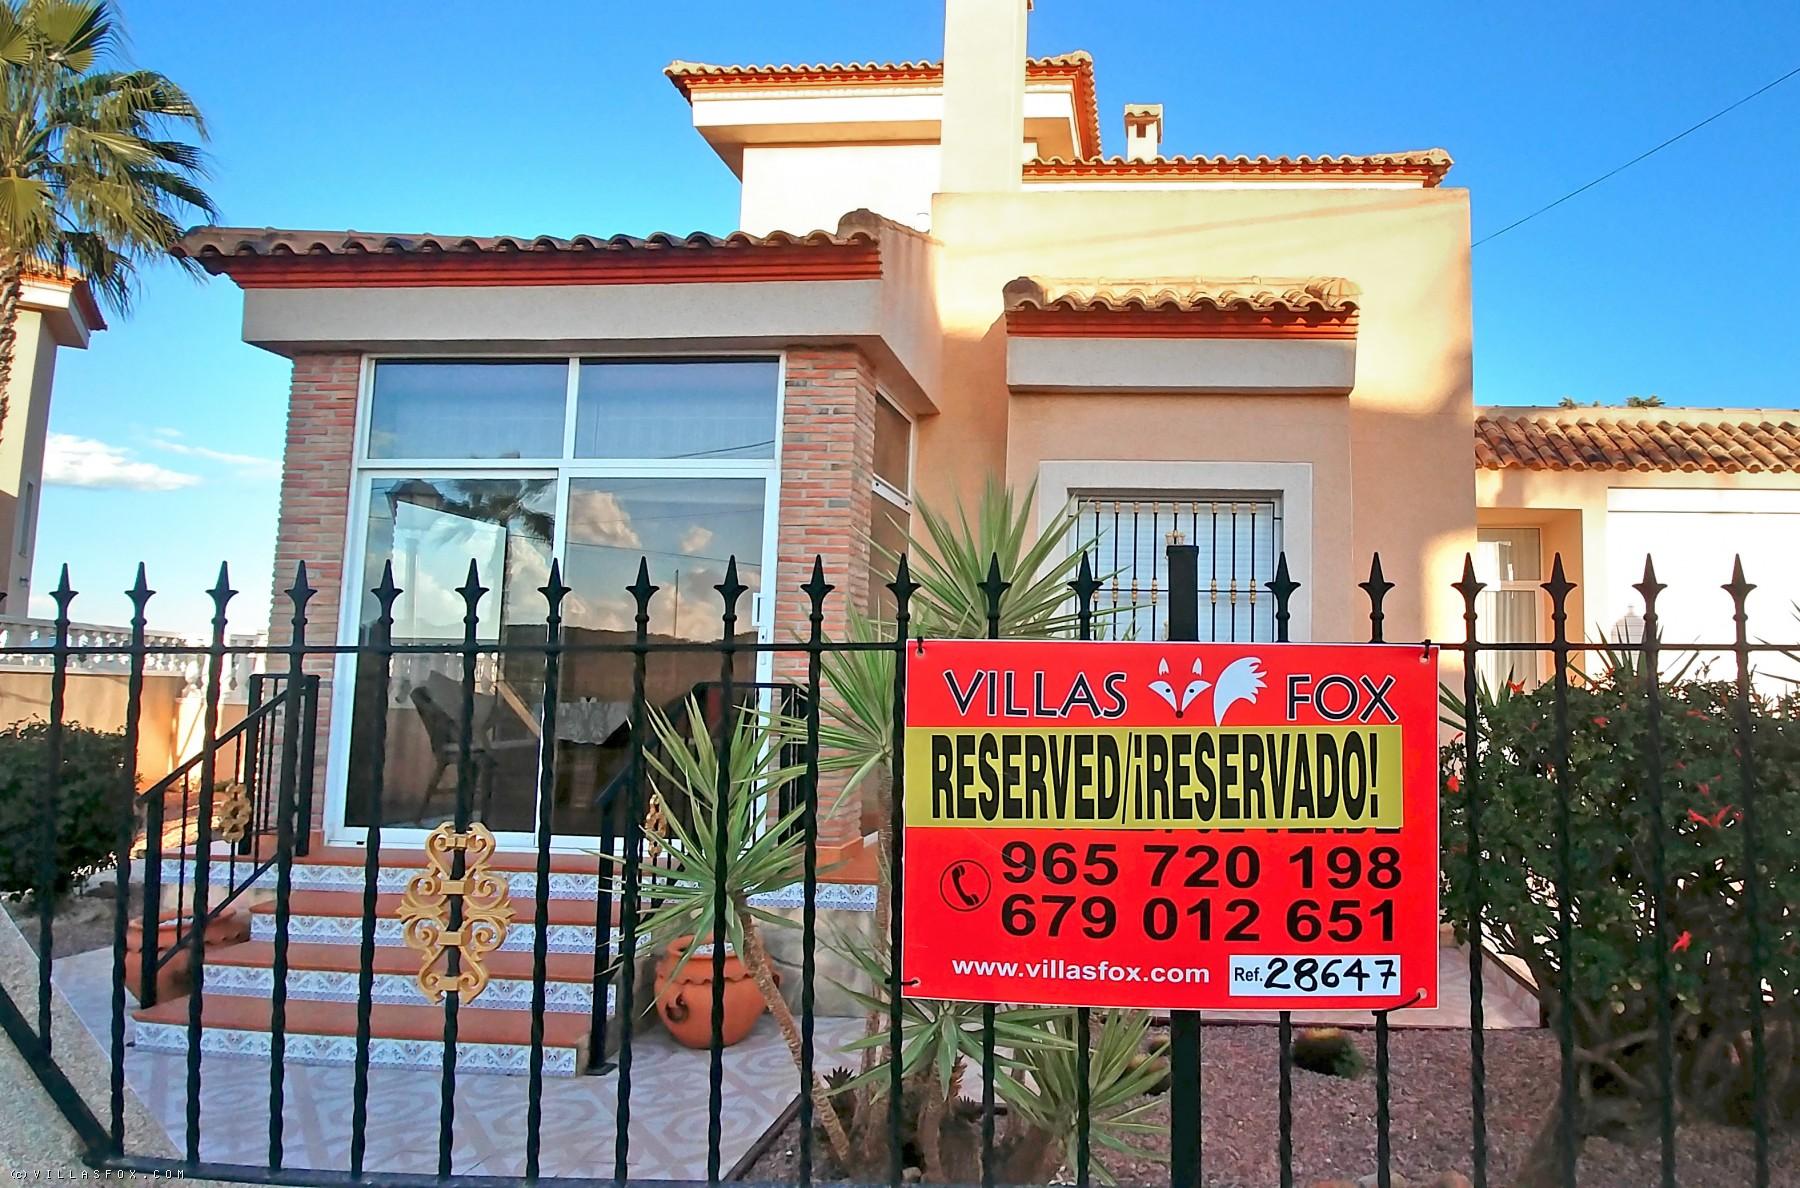 Superb Torrestrella 3-bedroom villa with private pool, great views, San Miguel de Salinas